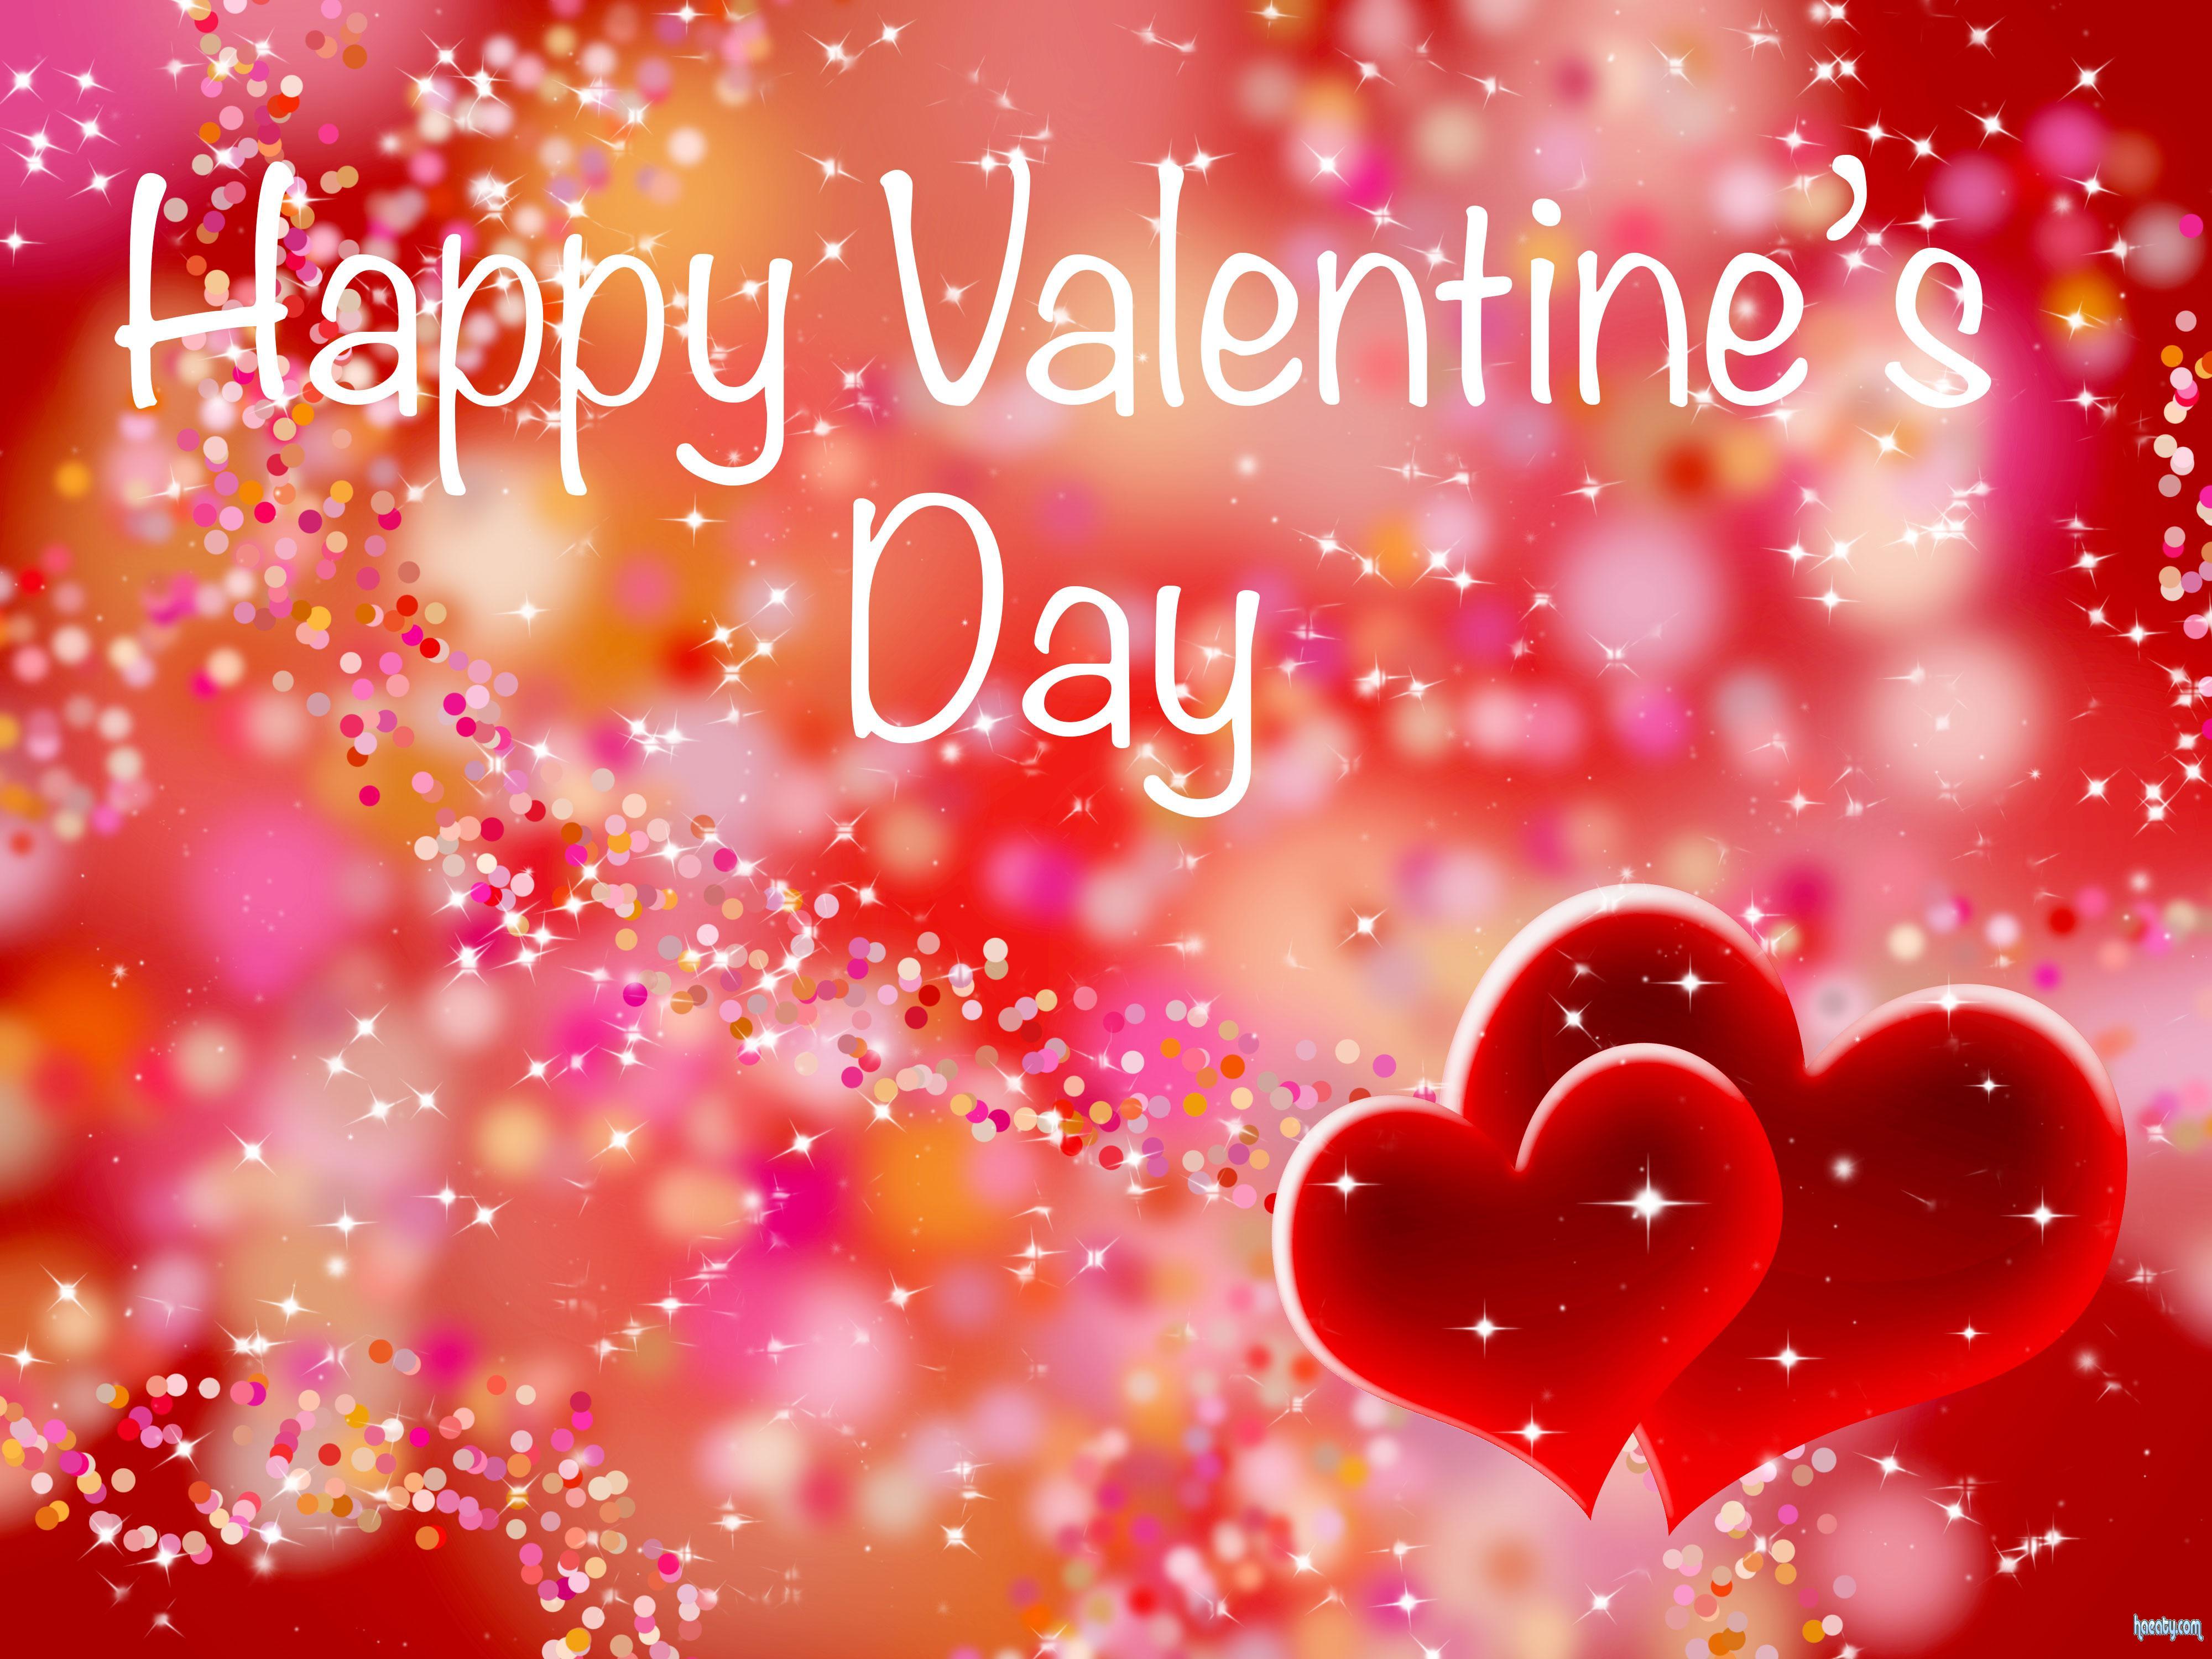 الفلانتين داي2014-Download Happy Valentines Background 139168700147.jpg